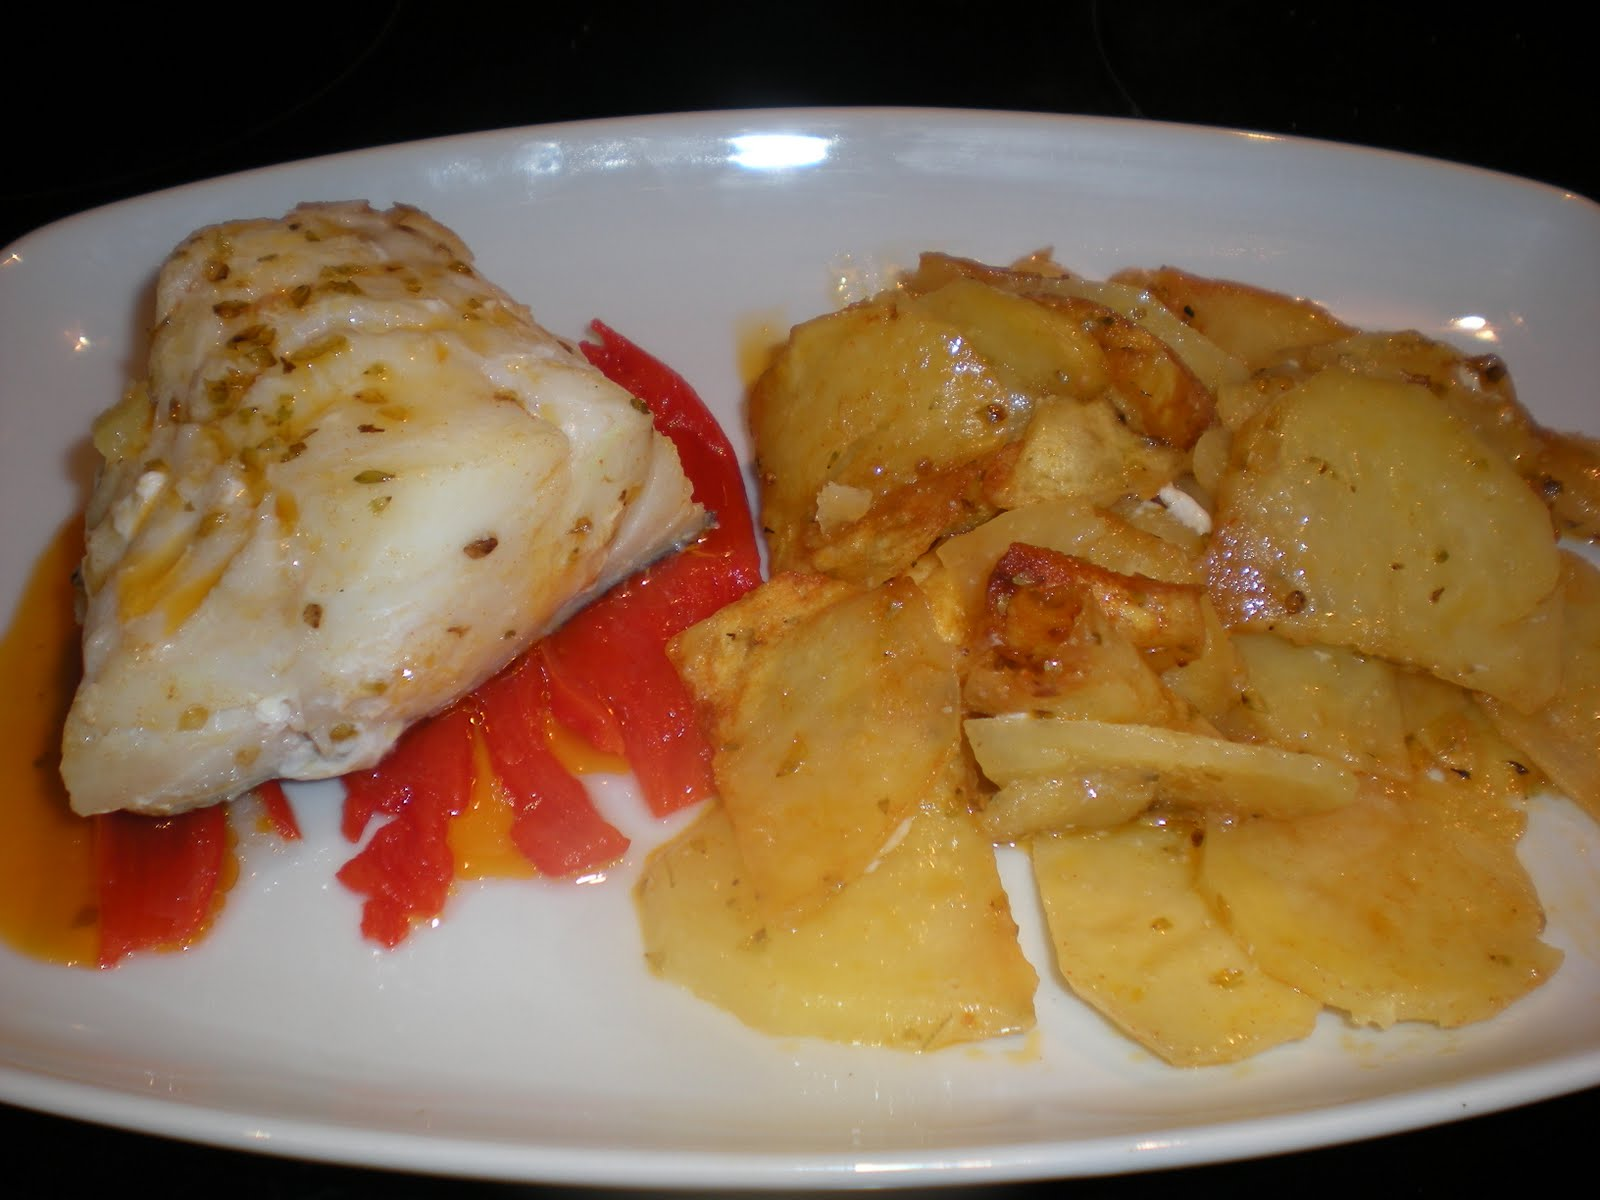 Mis trucos de cocina bacalao con patatas adobadas for Cocina bacalao con patatas